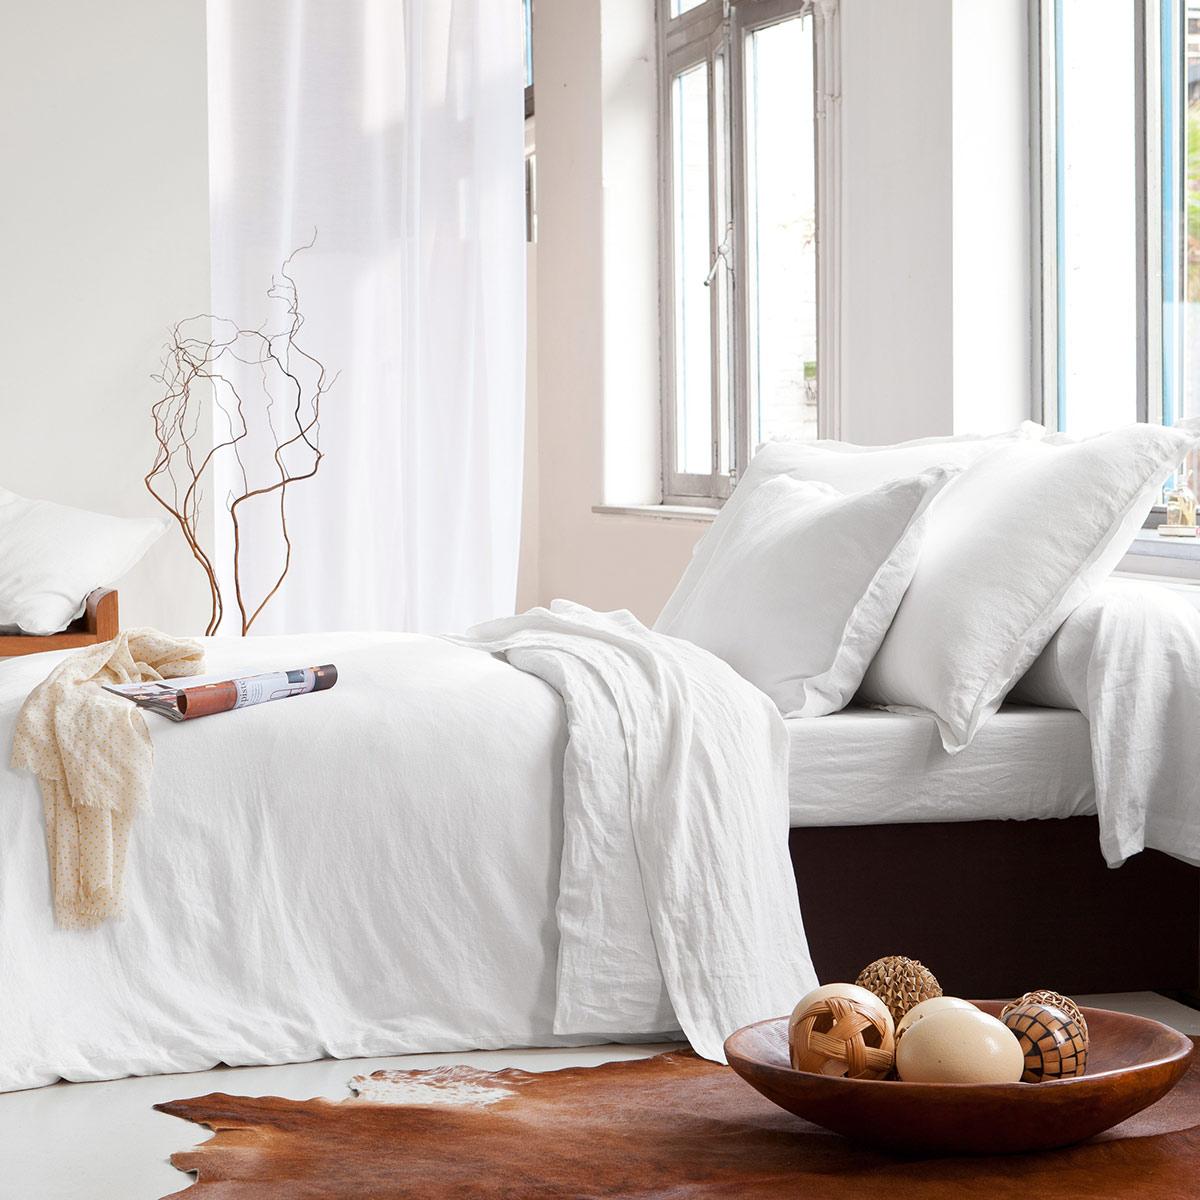 linge de maison archives turbulences d co. Black Bedroom Furniture Sets. Home Design Ideas